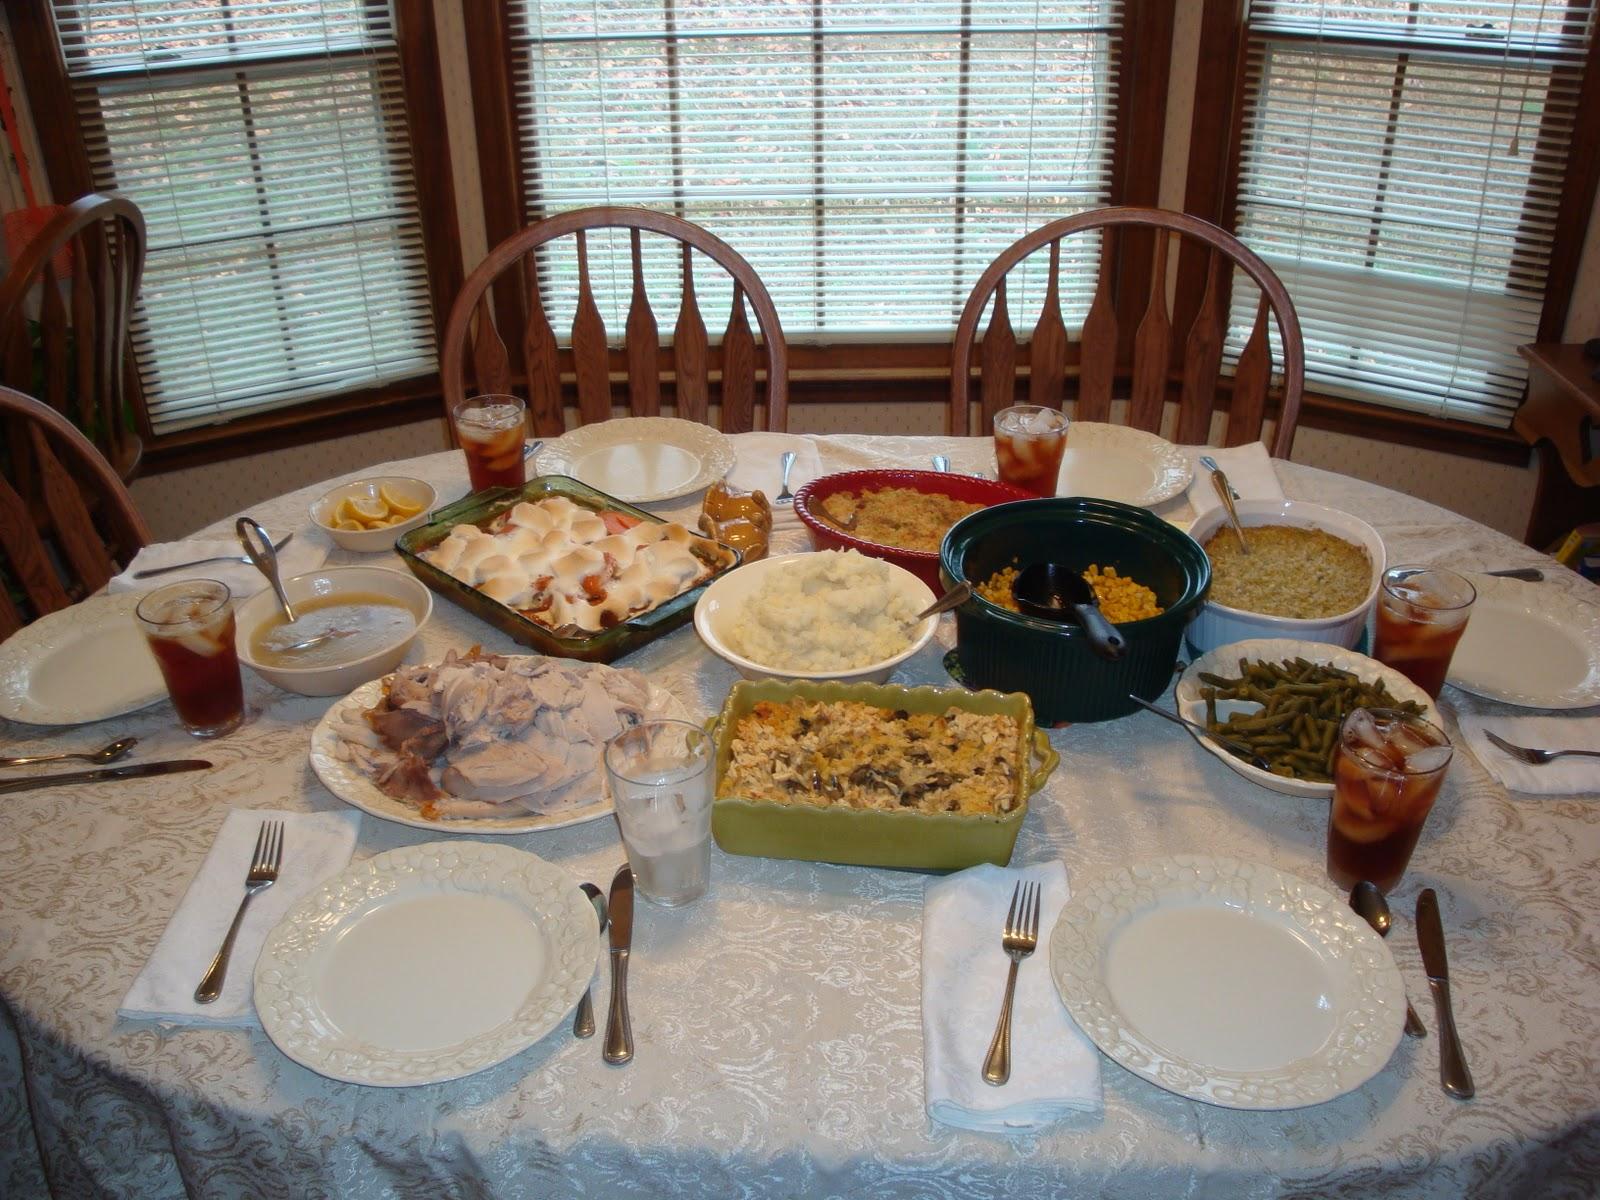 http://2.bp.blogspot.com/_MkiVmokxTqY/TQbRbCubfGI/AAAAAAAAAL8/A6npS1xGQ_E/s1600/Thanksgiving+2010+005.JPG